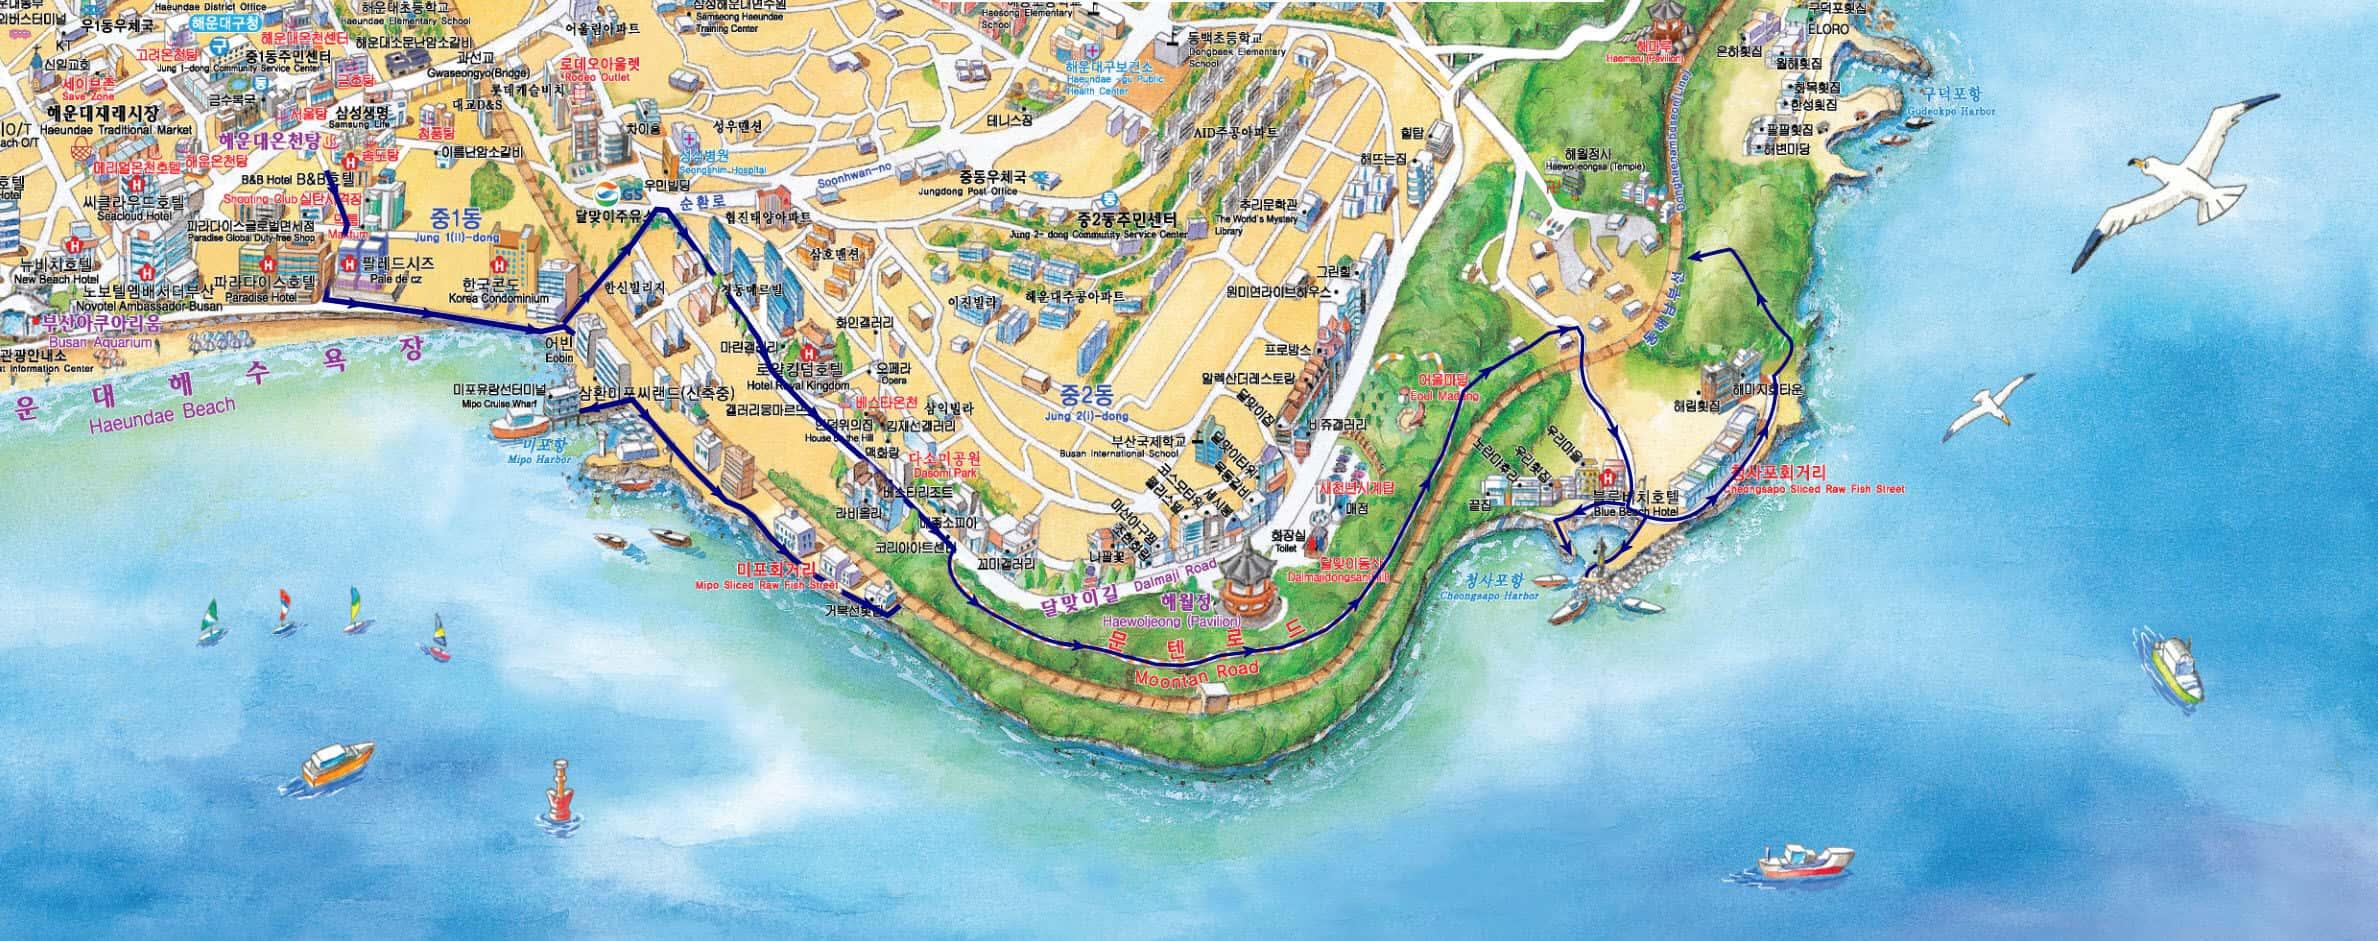 海雲台海水浴場步行往青沙浦港路線地圖